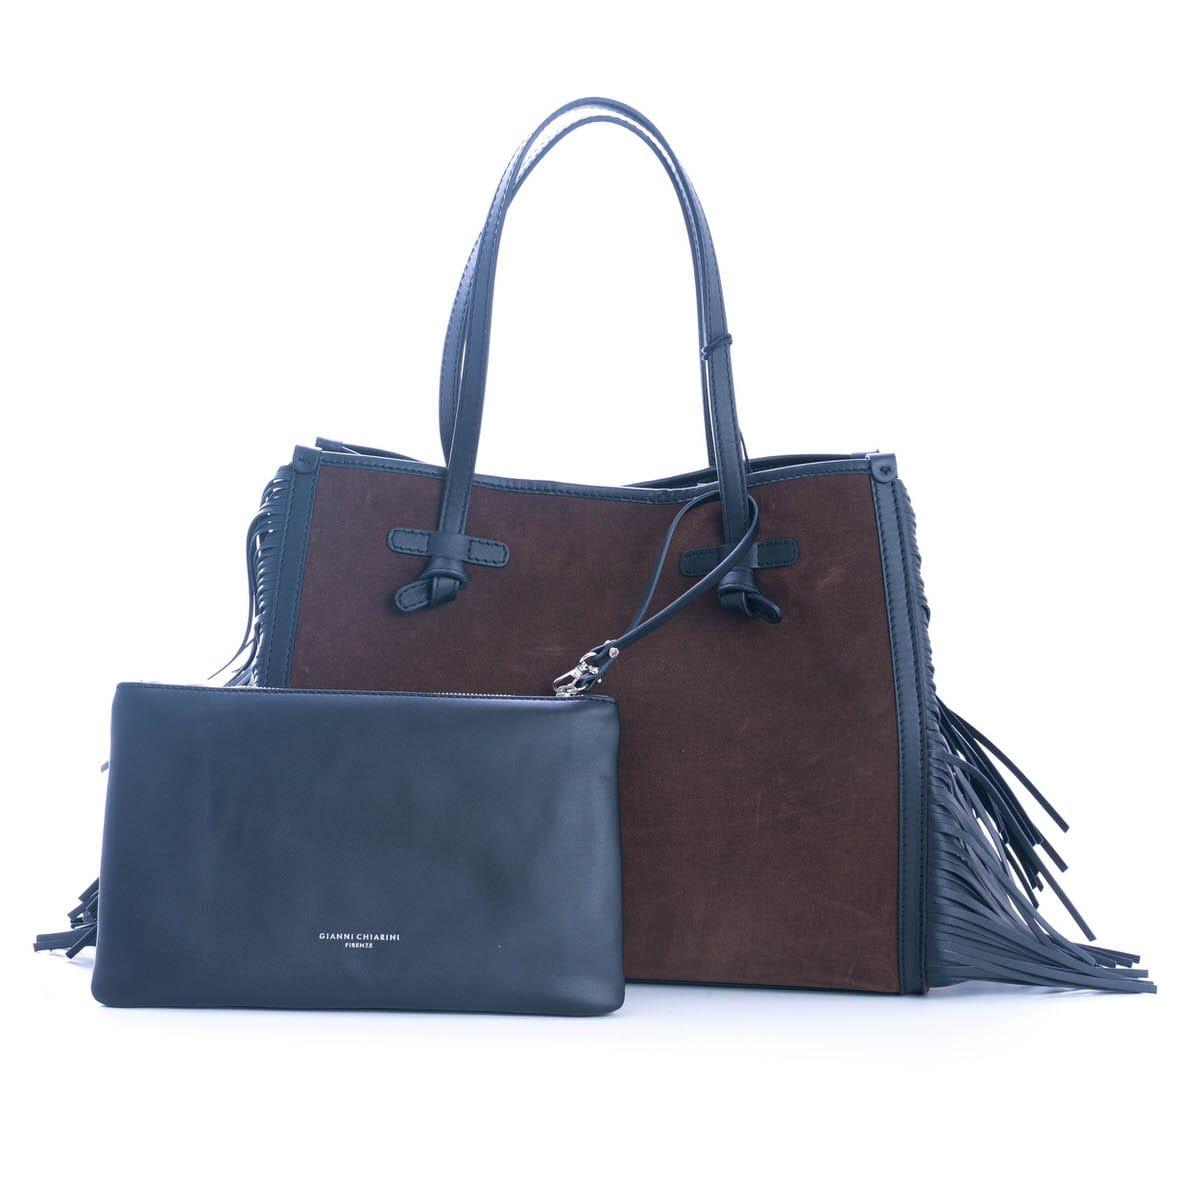 Gianni Chiarini Gianni Chiarini marcella Bag In Leather